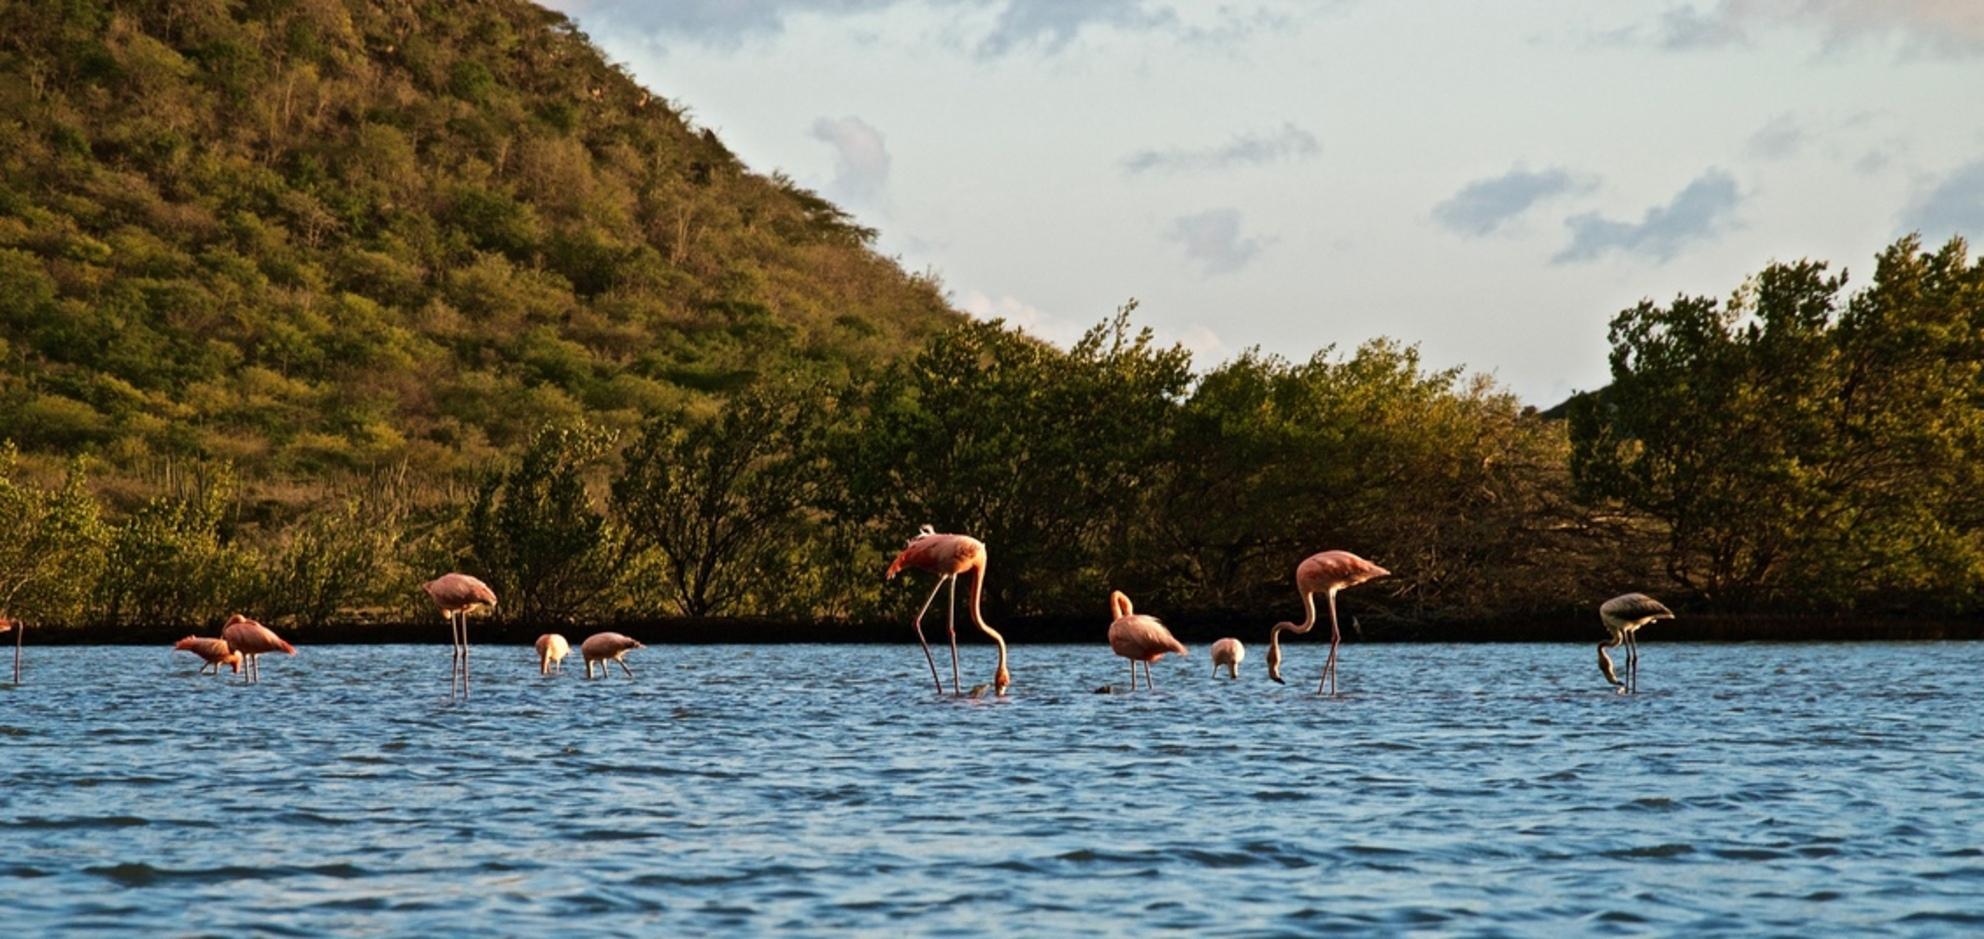 Flamingo-love. - Tijdens onze reis op Curacao kwamen we tijdens een prachtige zonsondergang flamingo's tegen bij St. Willibrordus. Prachtig! - foto door susannepannetje op 22-02-2019 - deze foto bevat: roze, water, vogels, flamingo, dieren, vogel, dier, curacao, zoutpannen, antillen, flamingos, willibrordus, nederlandse antillen, zoutpan, st. willibrordus